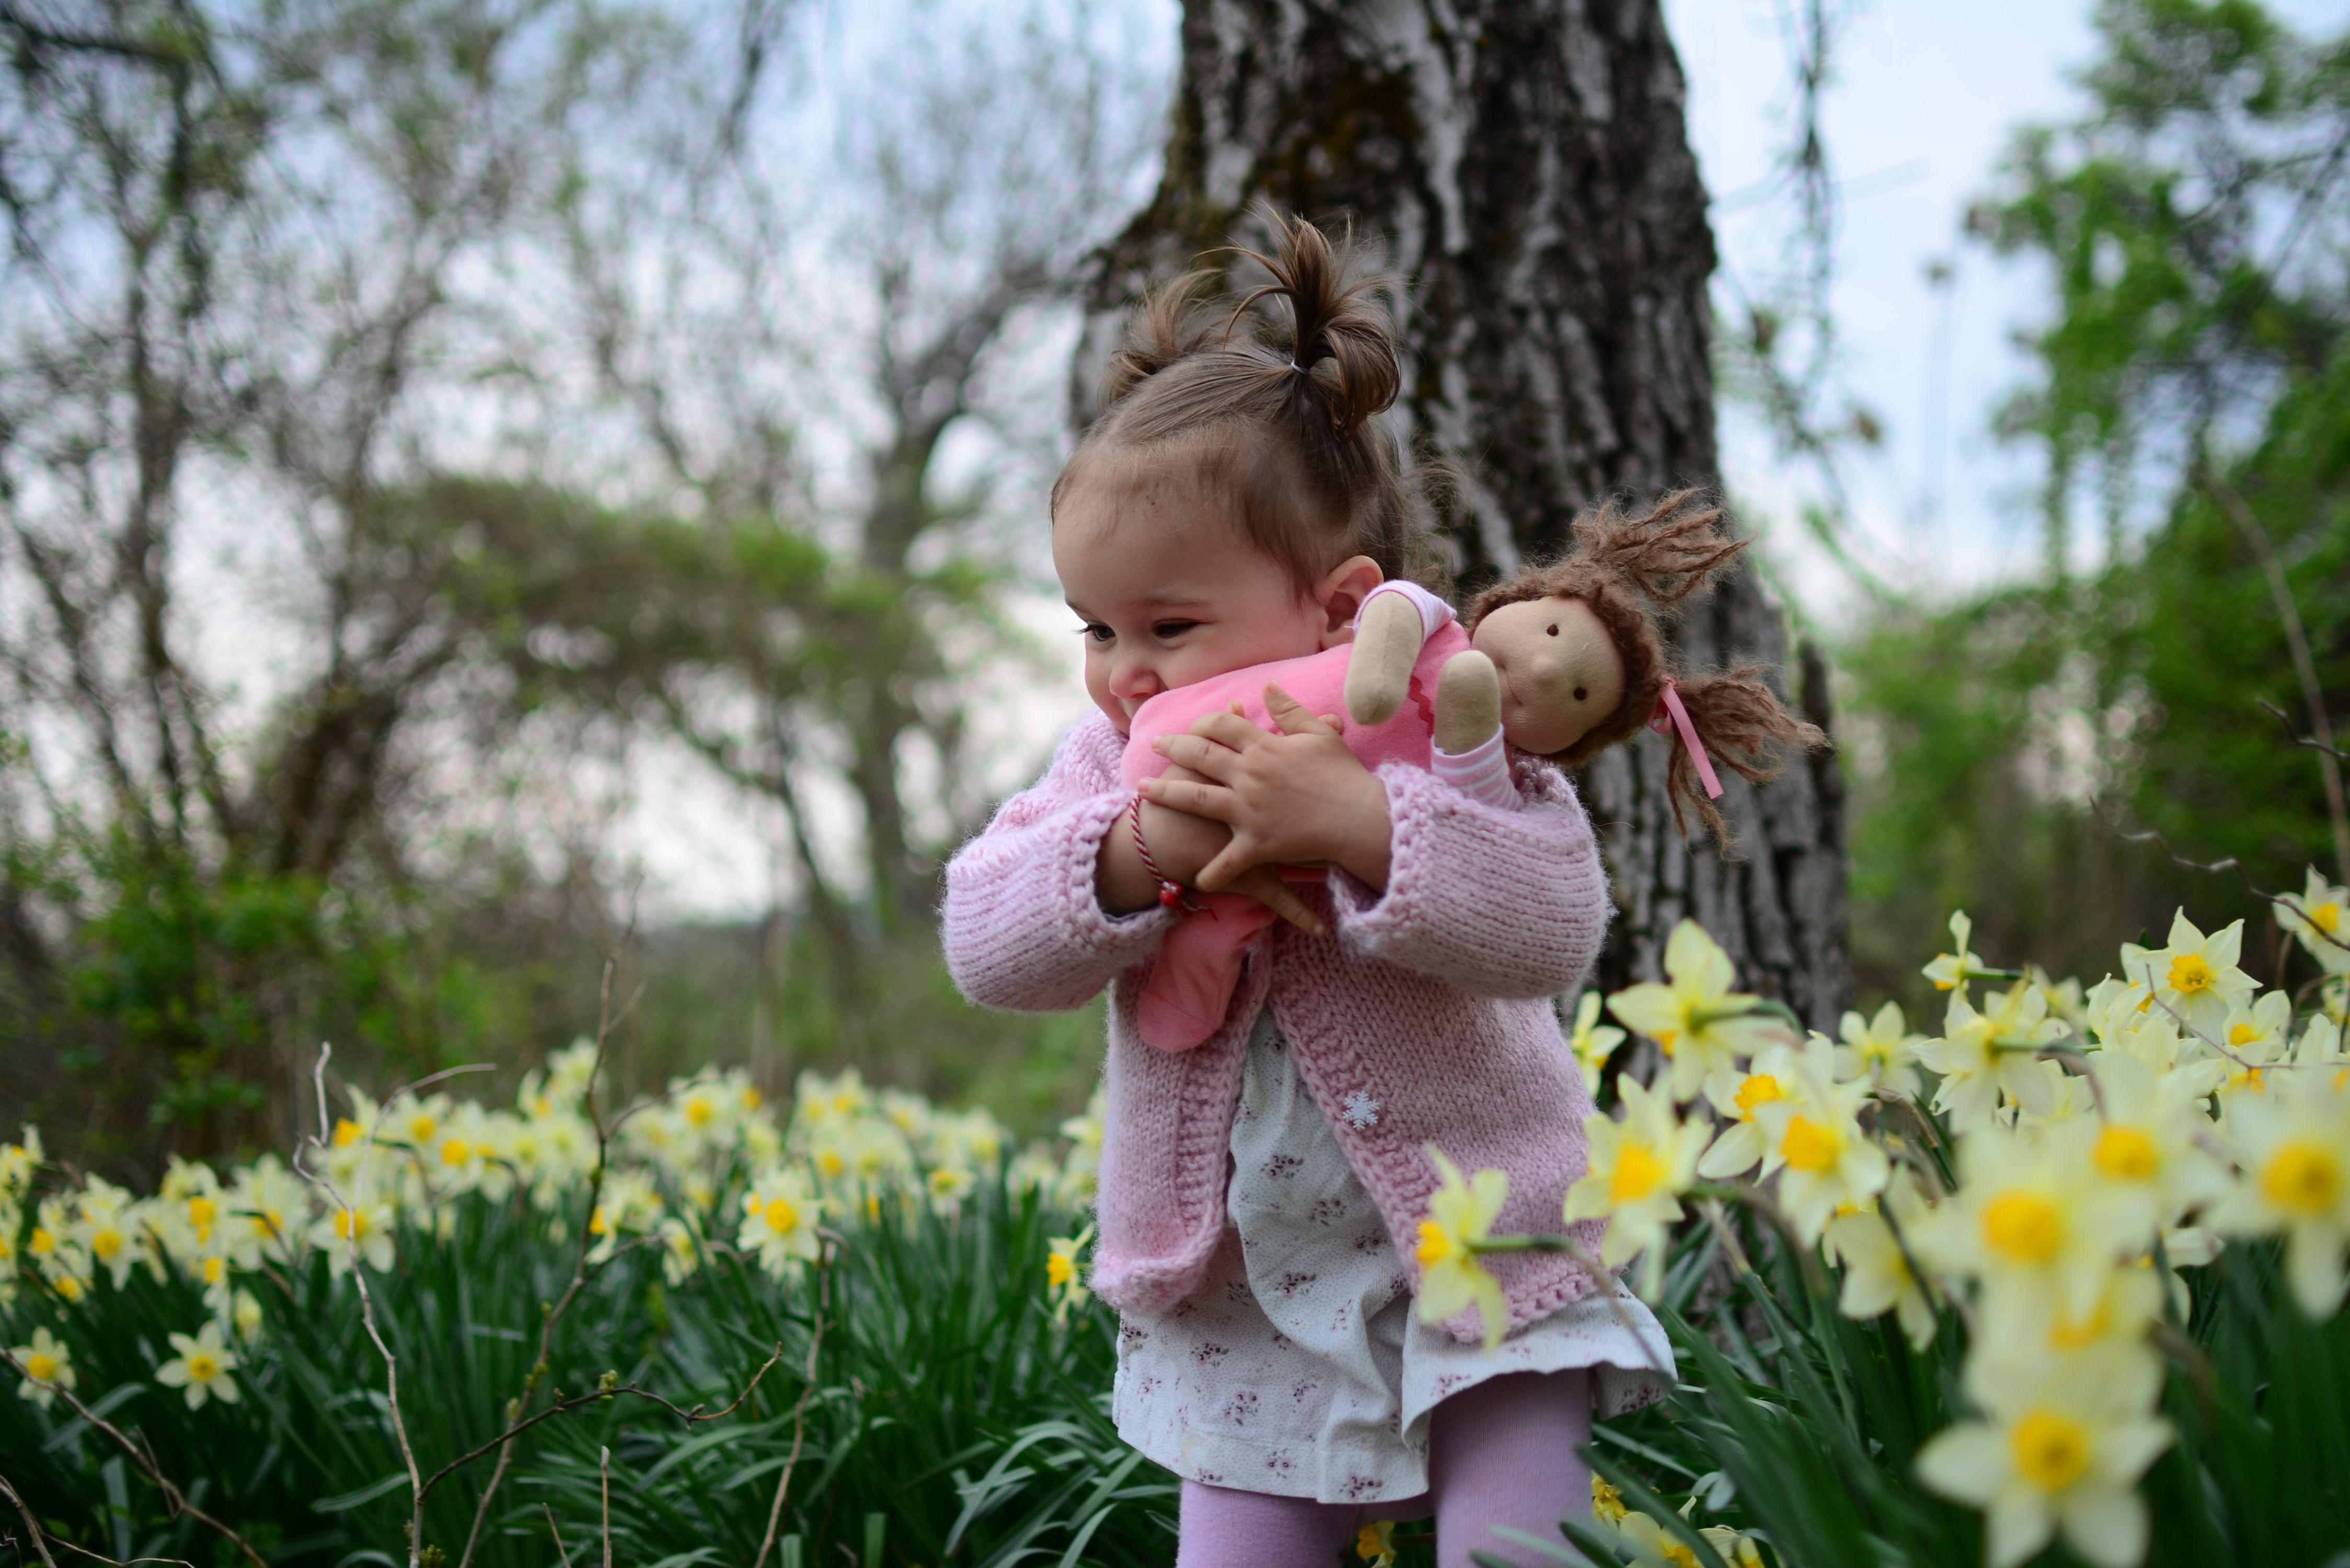 Bambini foto ~ Ciao bimba mini bambini https: ciaobimba.com products shop